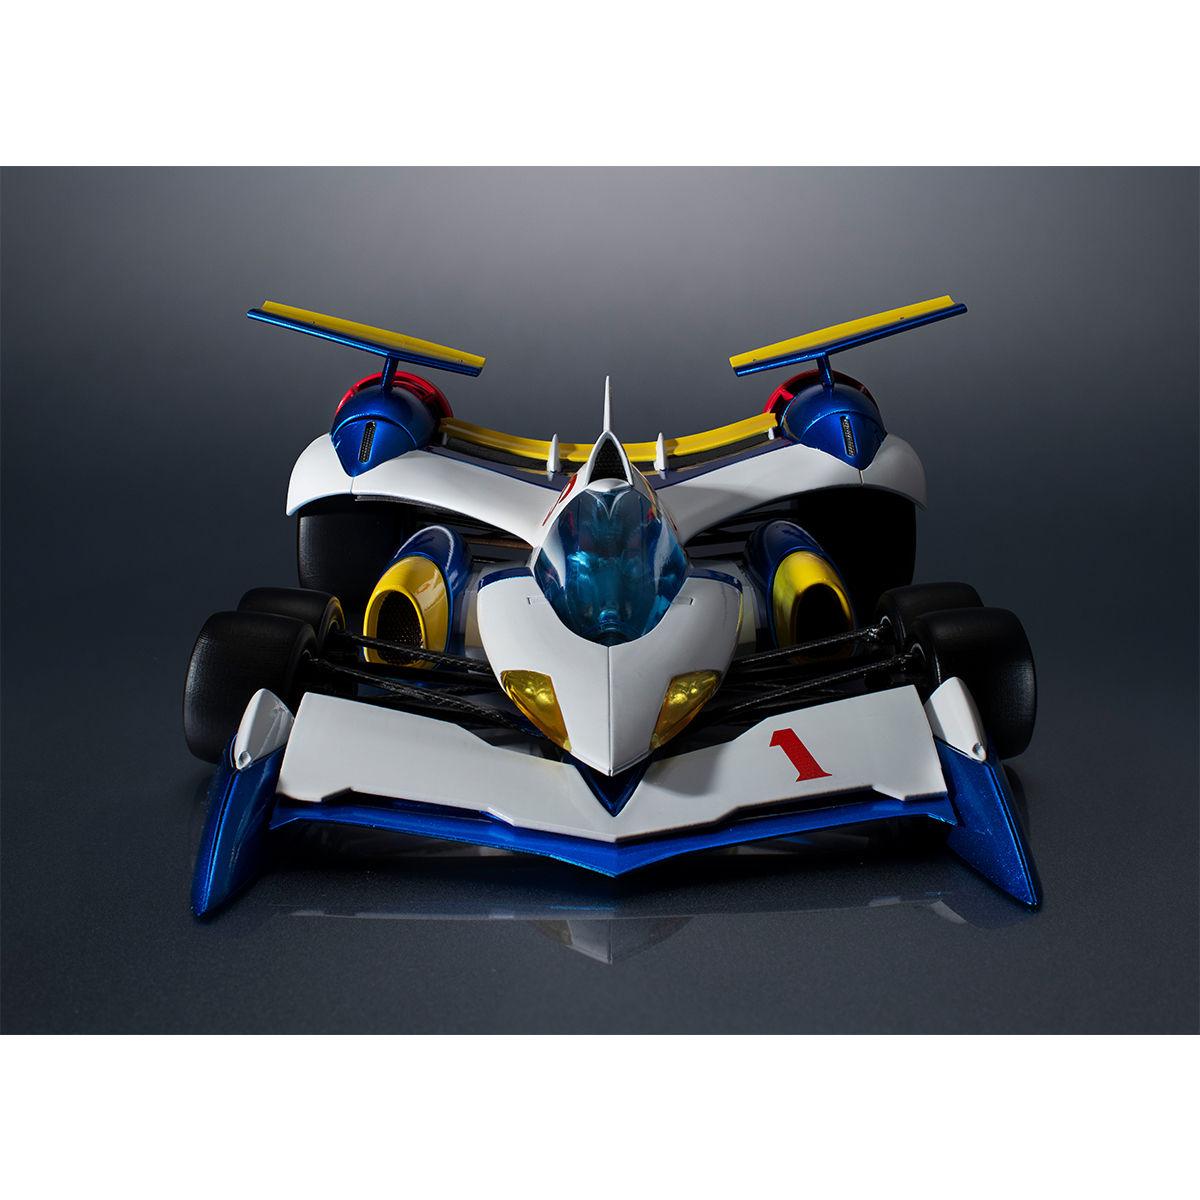 ヴァリアブルアクション Hi-SPEC『スーパーアスラーダ AKF-11』新世紀GPXサイバーフォーミュラ 1/18 可動モデル-008